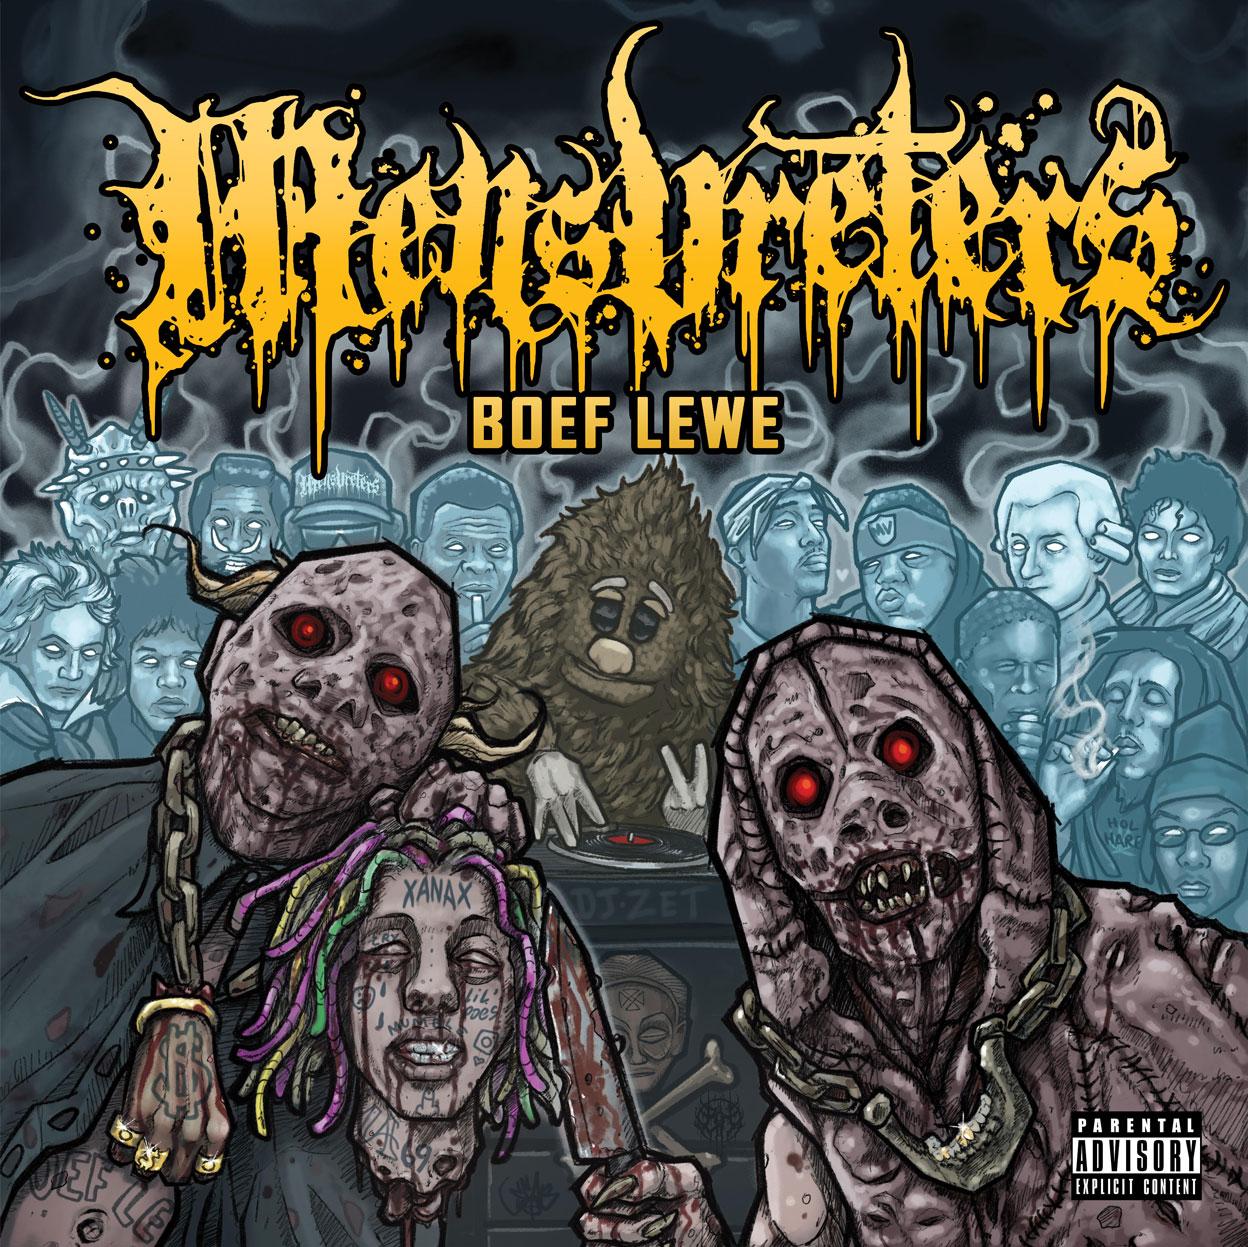 Mensvreters Boef Lewe Cover Art